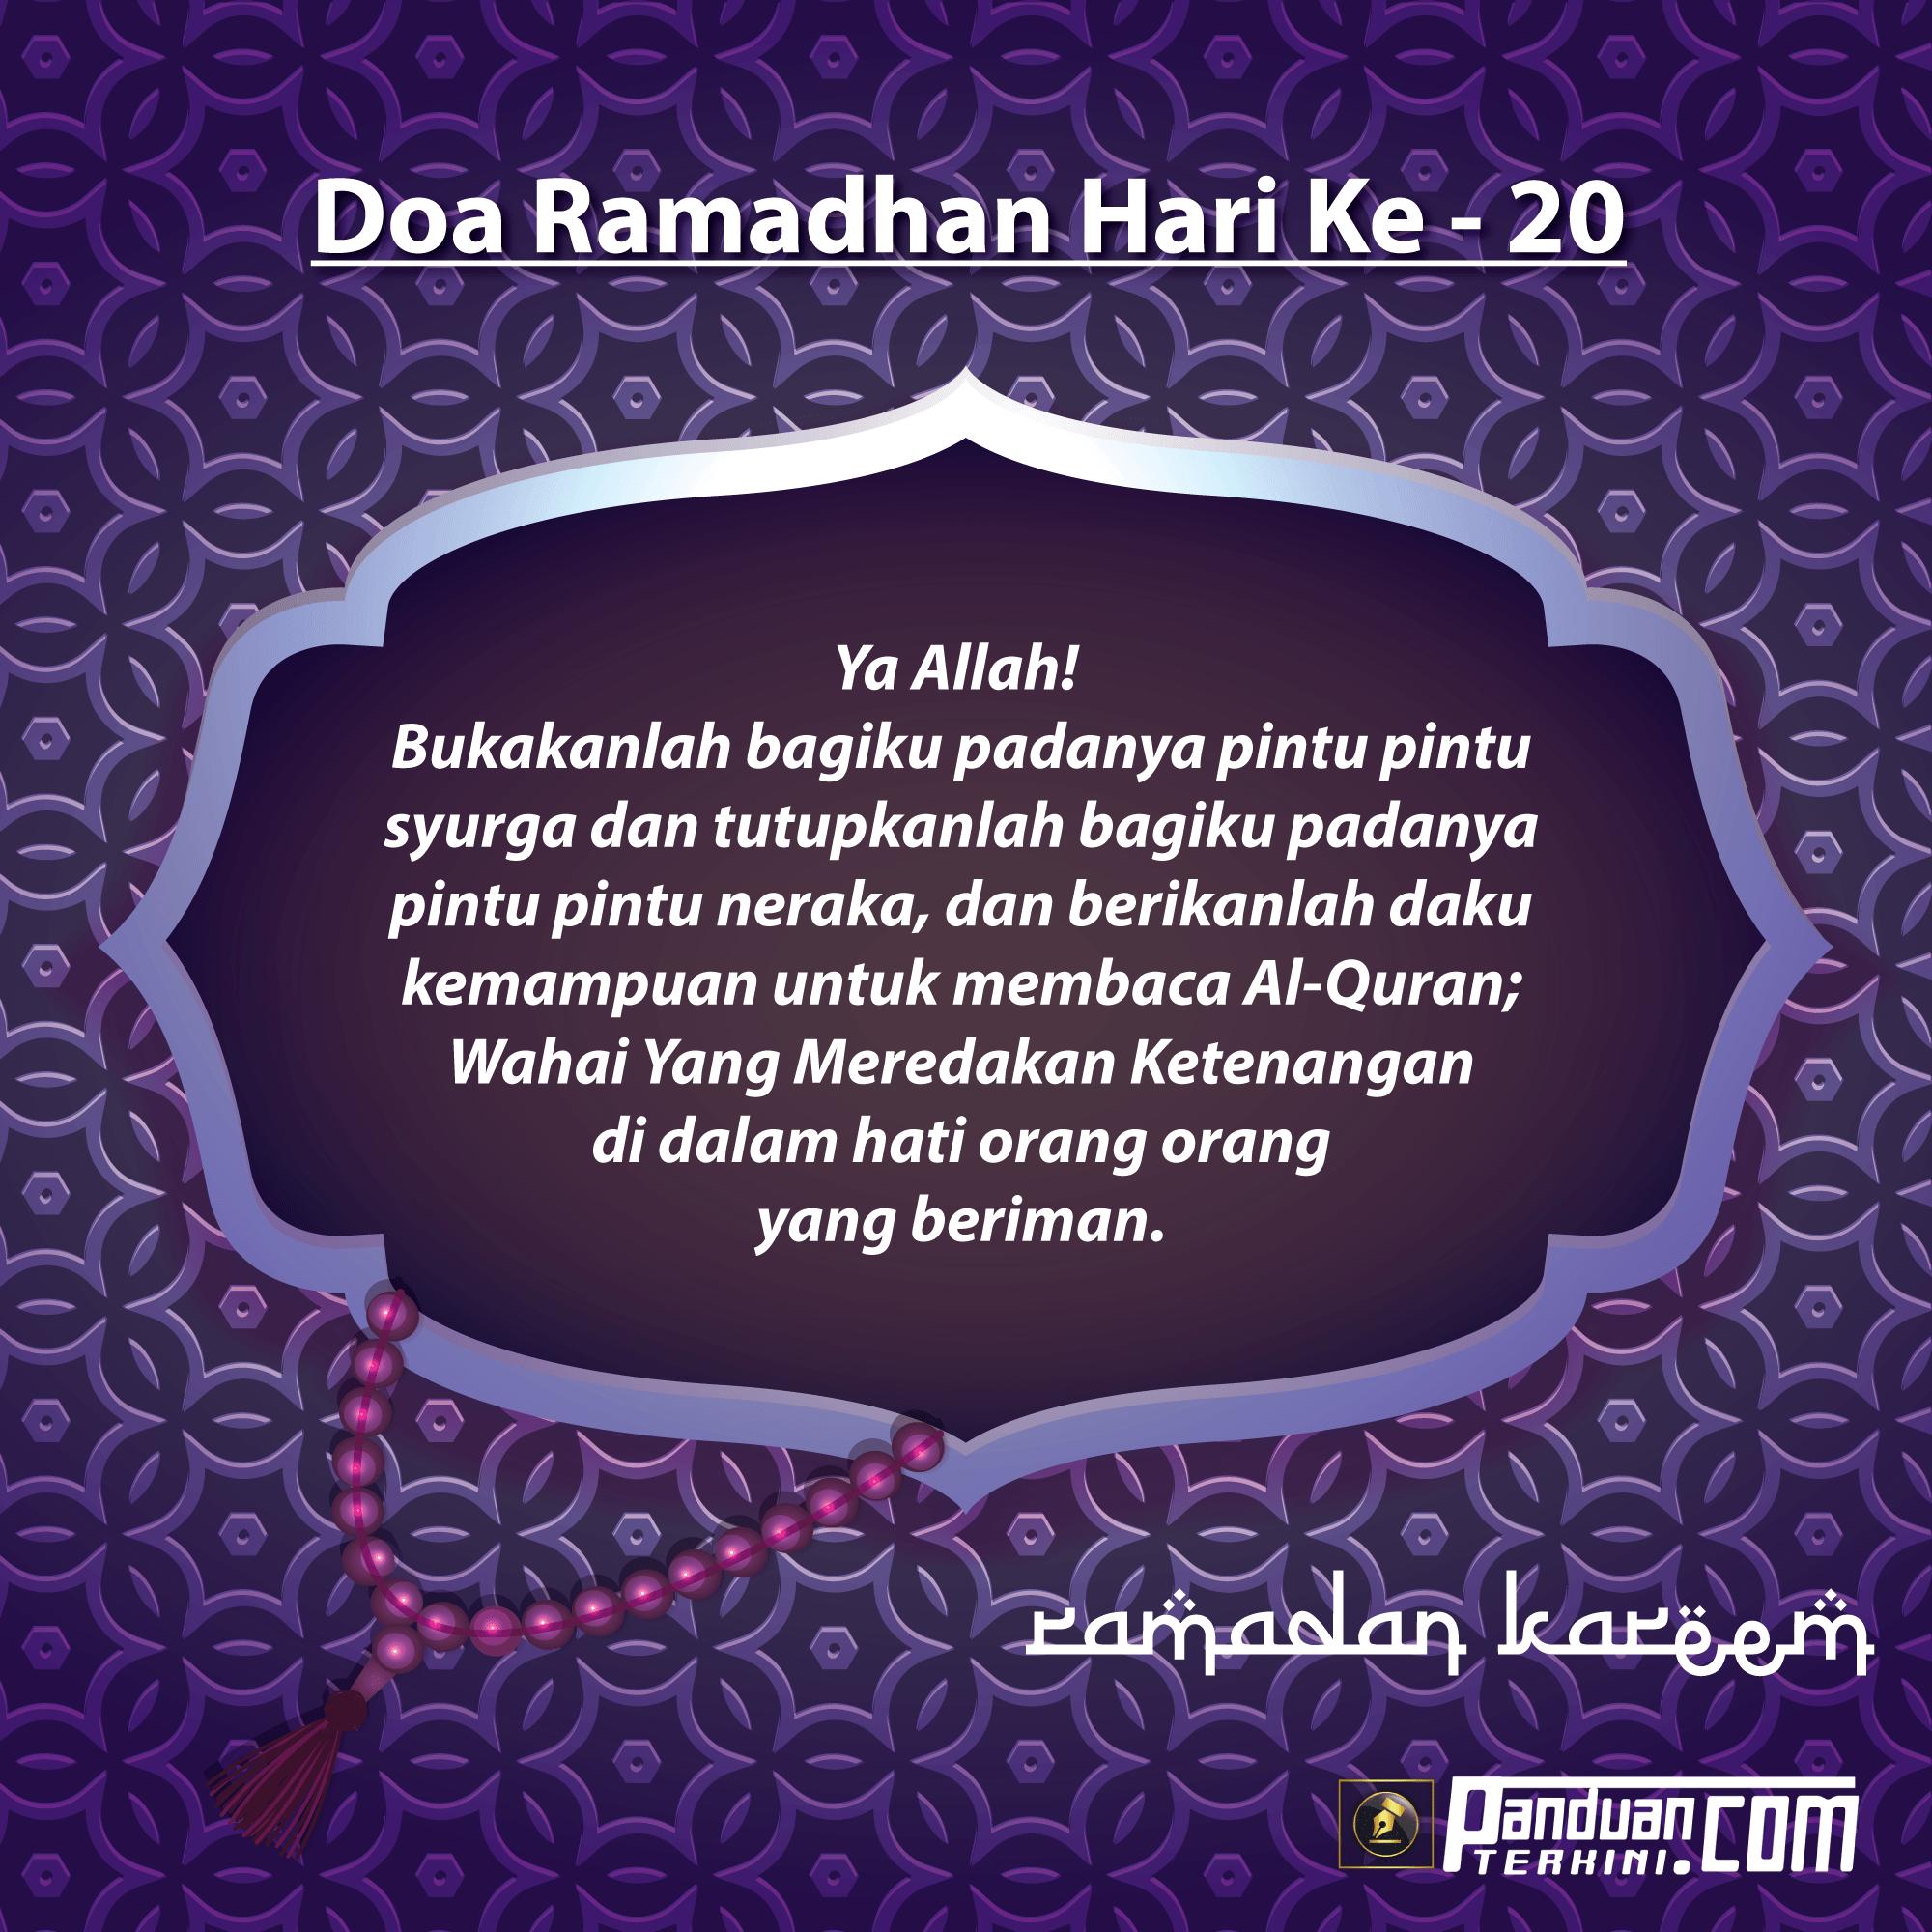 Doa Ramadhan Hari Ke-20